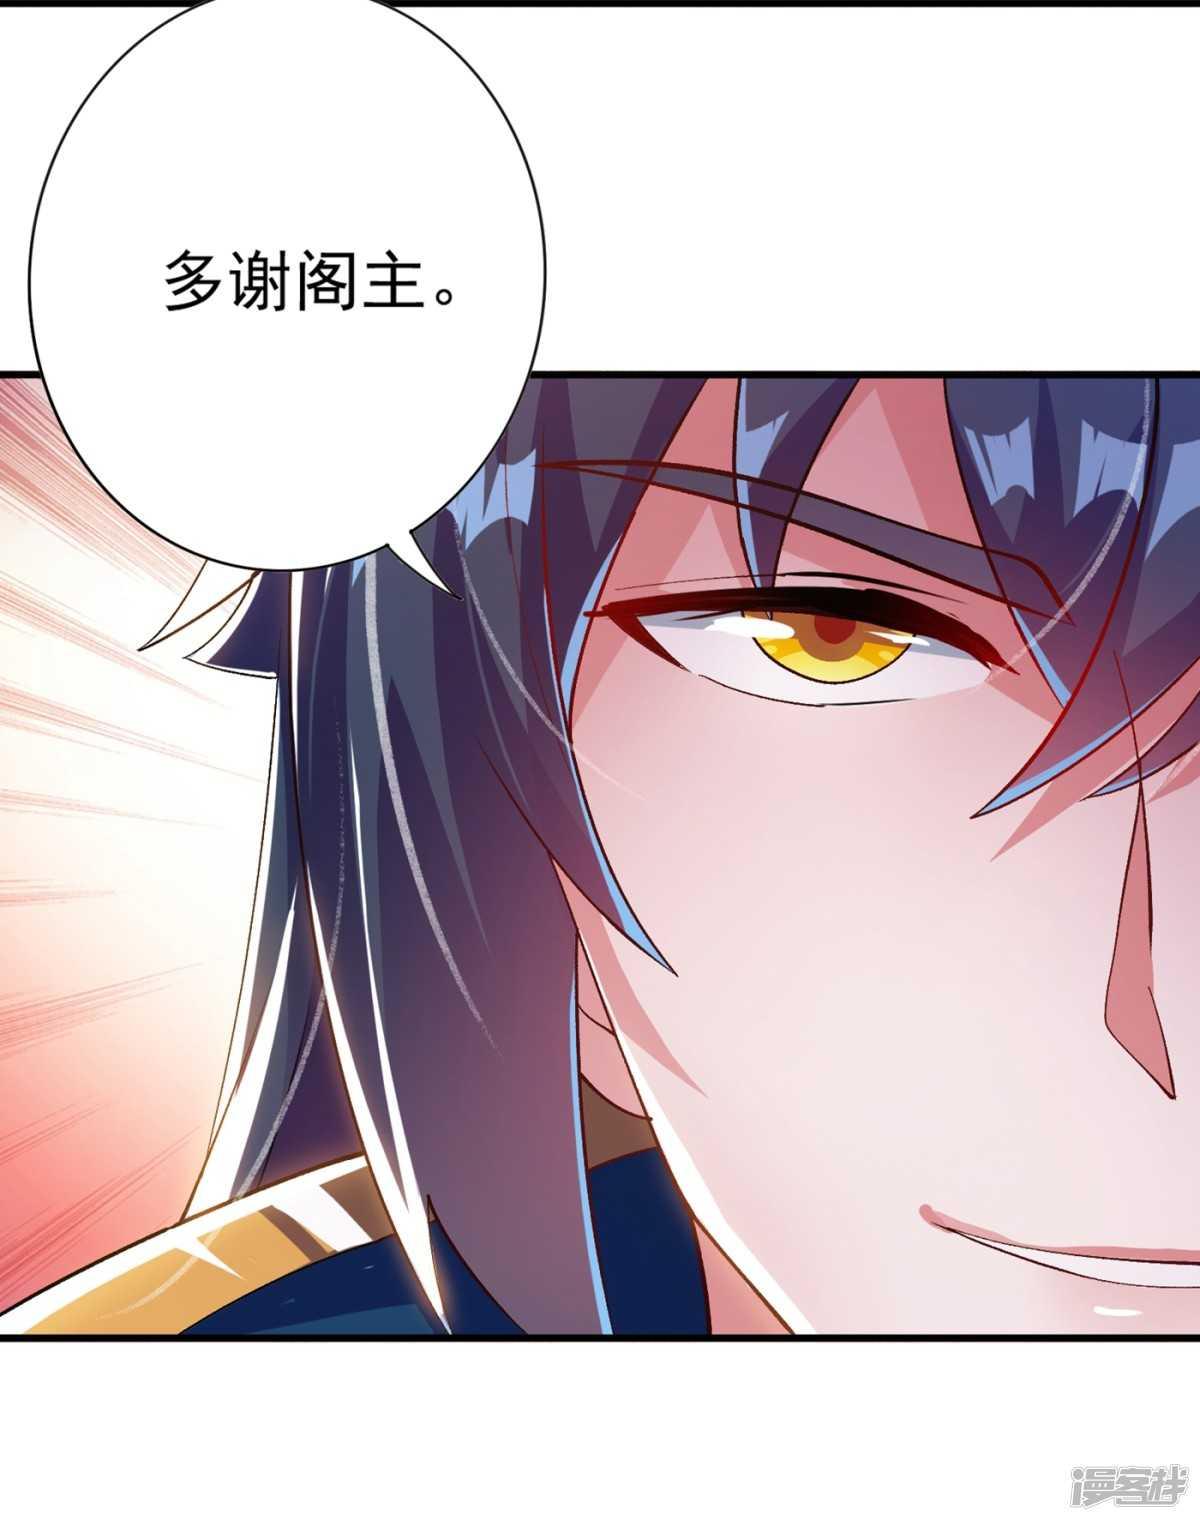 【漫画更新】《灵剑尊》总342~343话